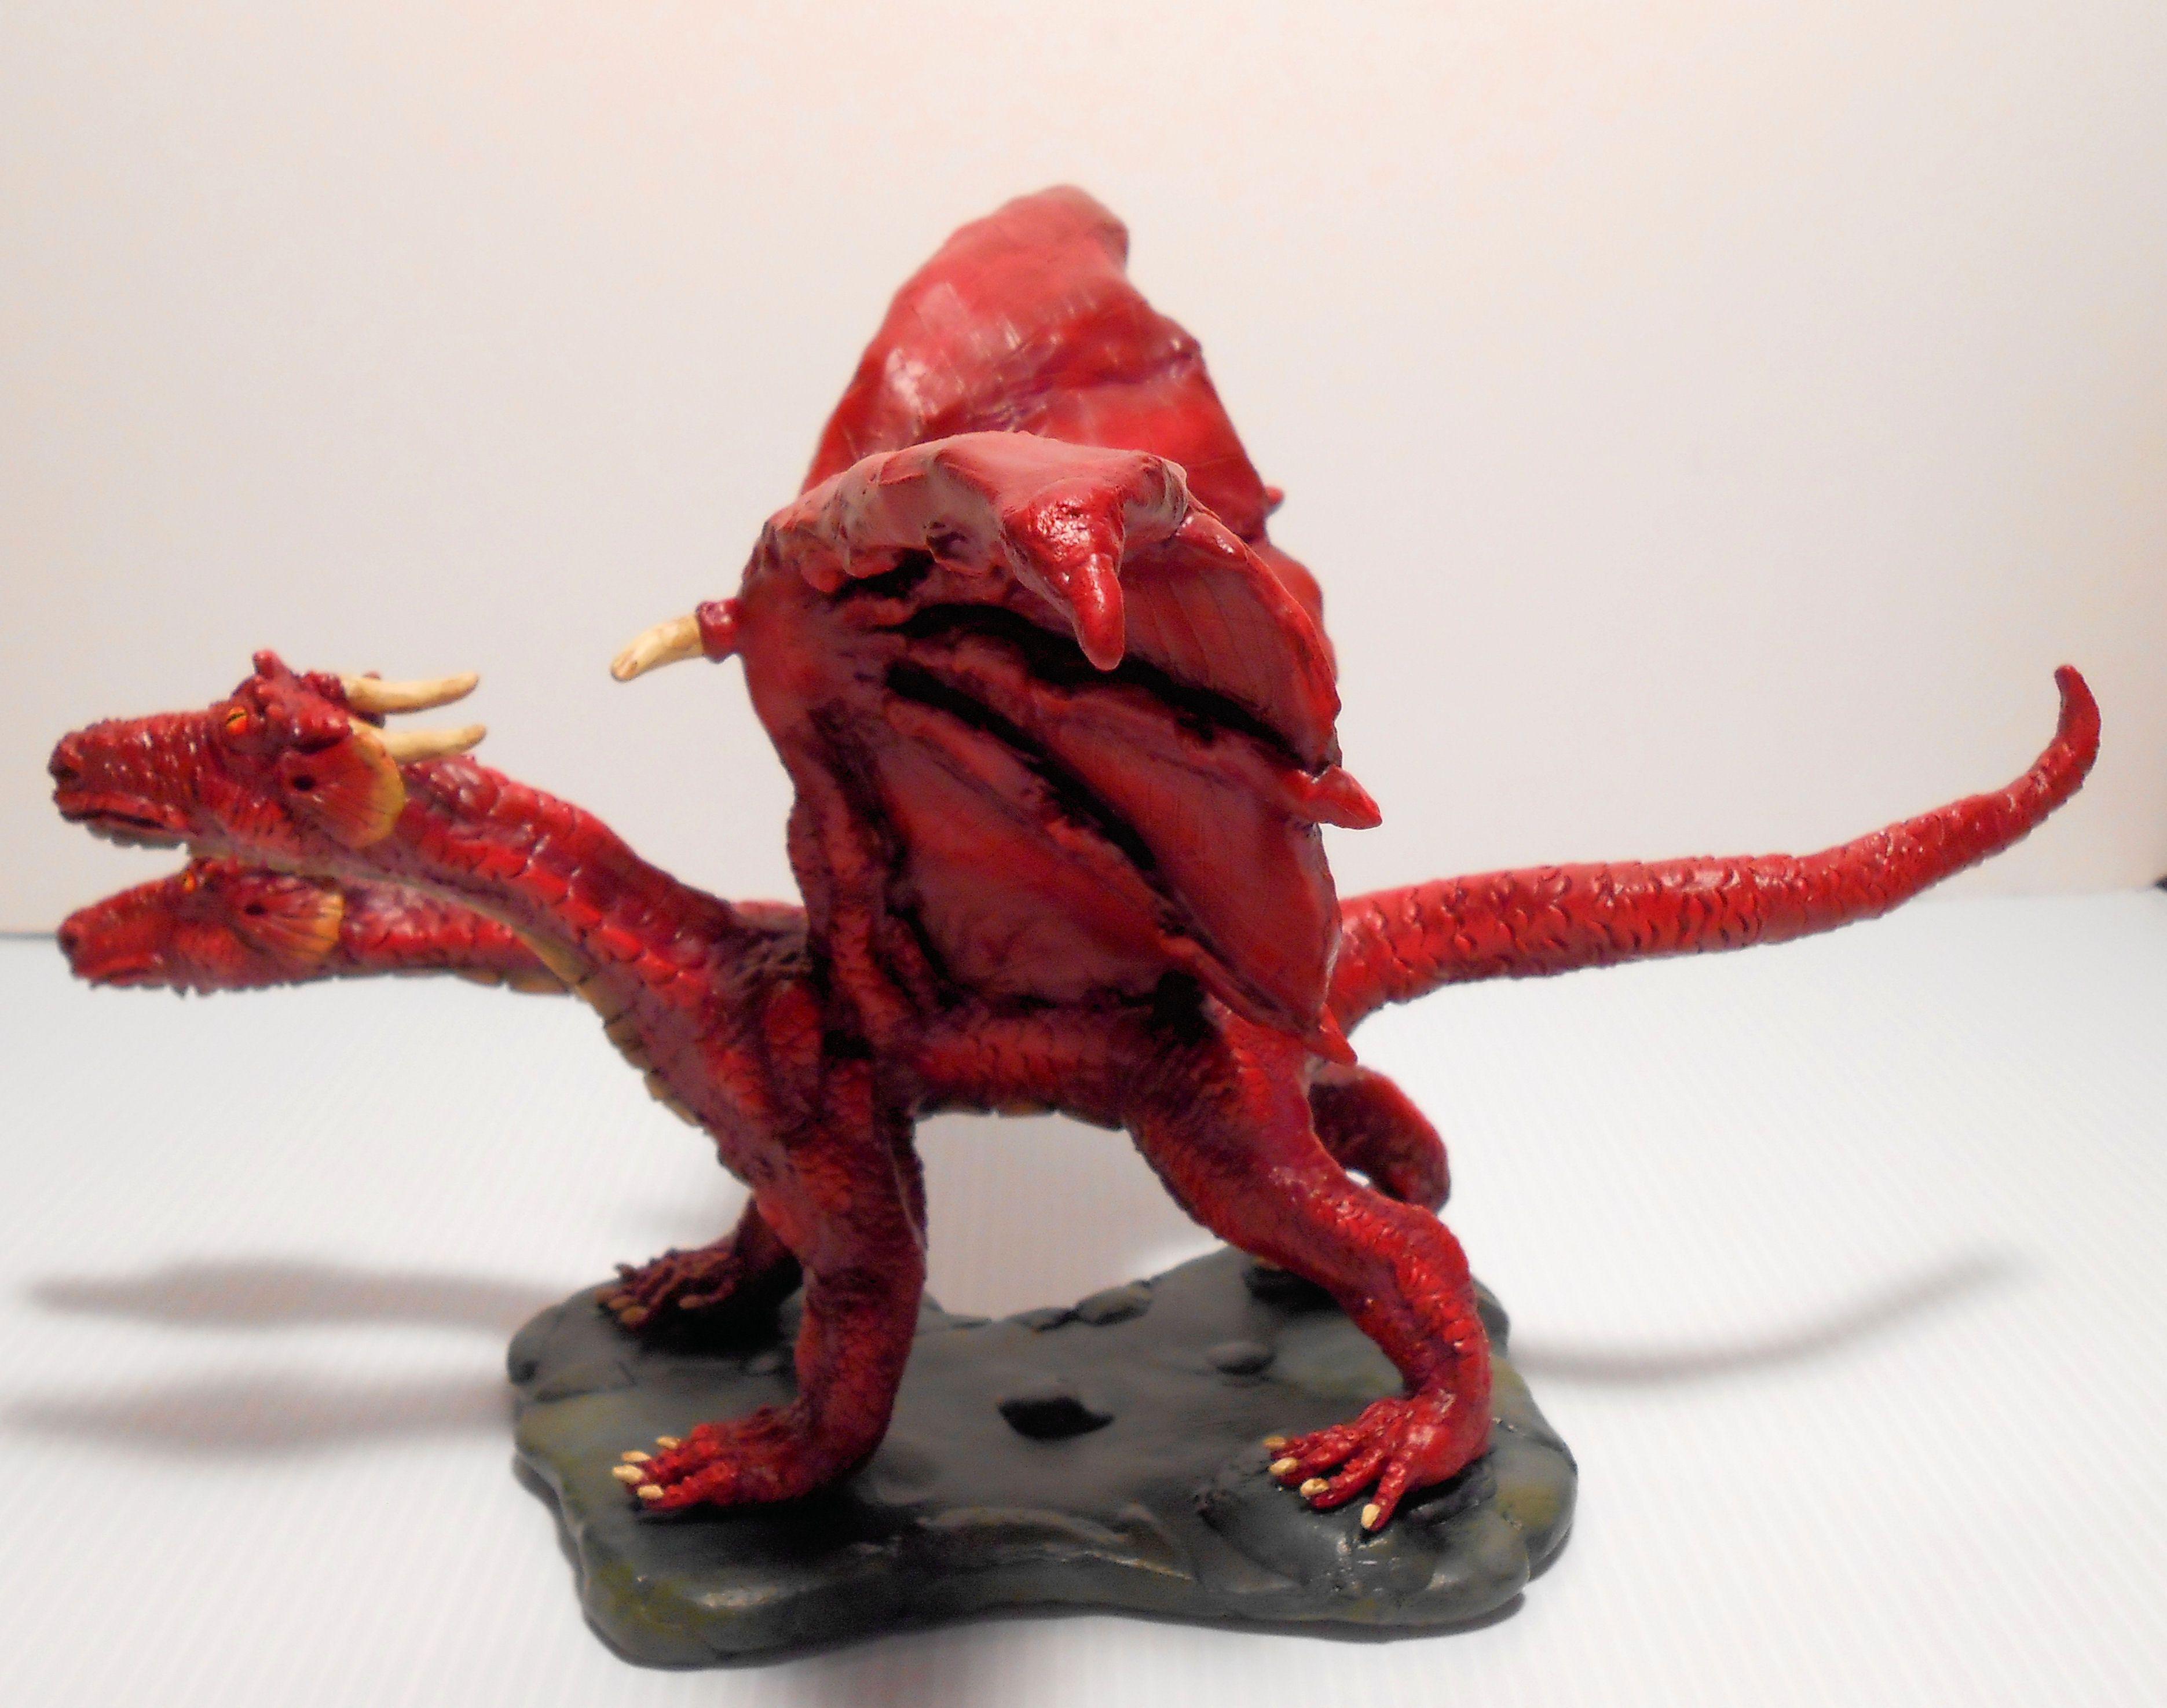 Clay Dragon Head Cecaaedbdafffae